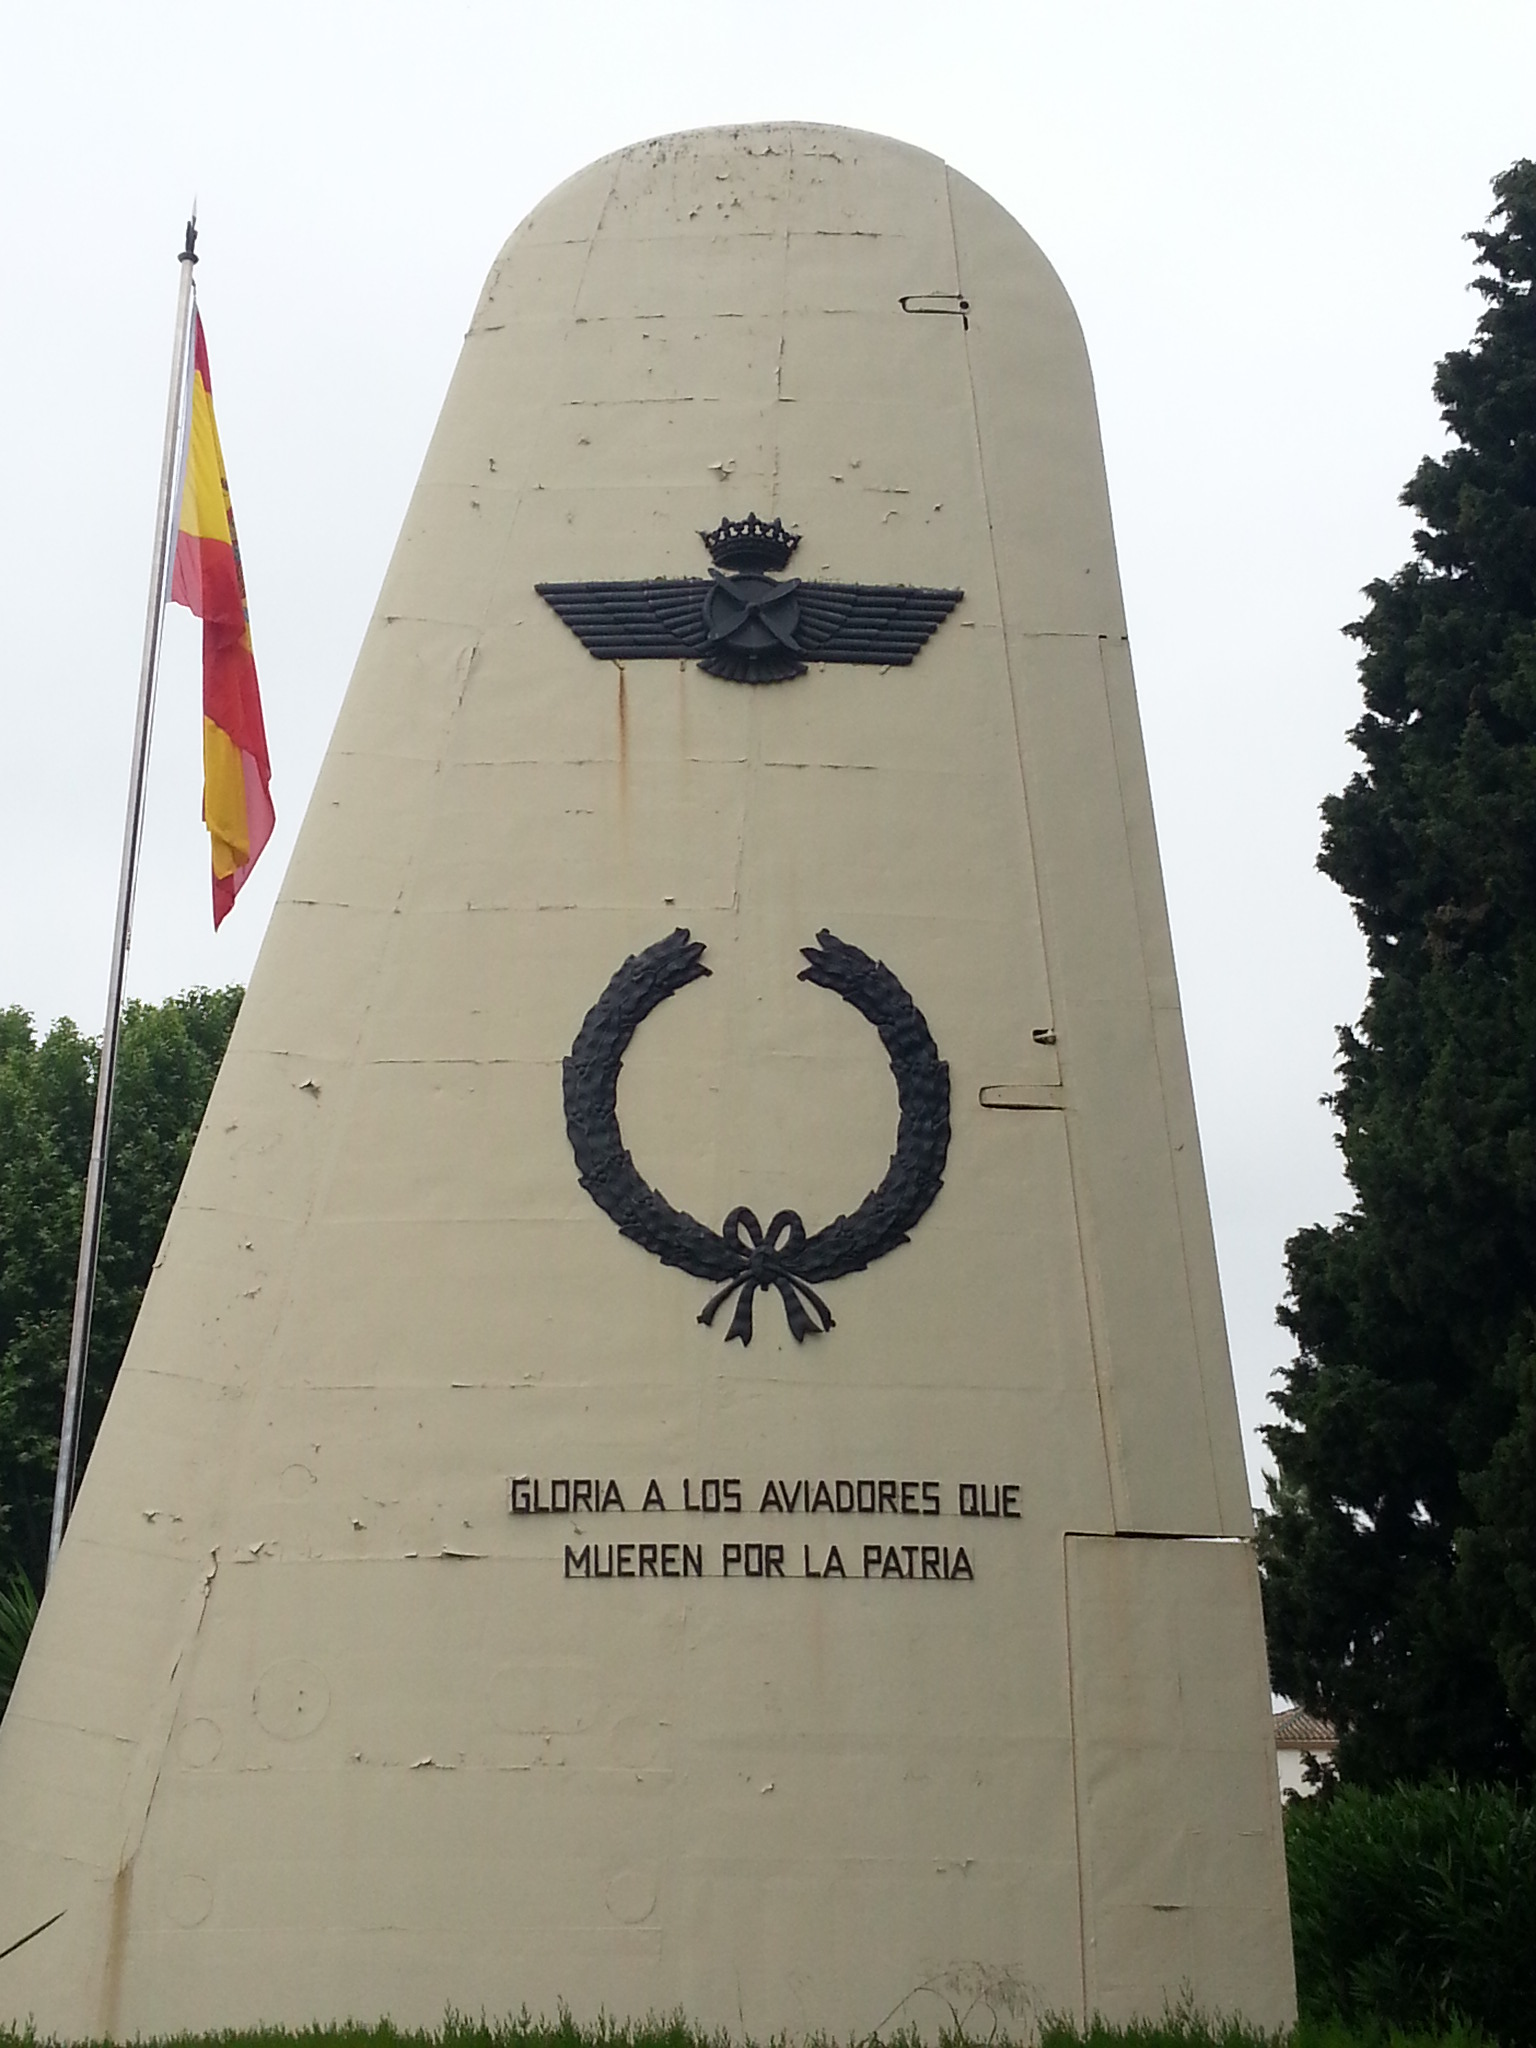 Gloria a los aviadores que mueren por la patria